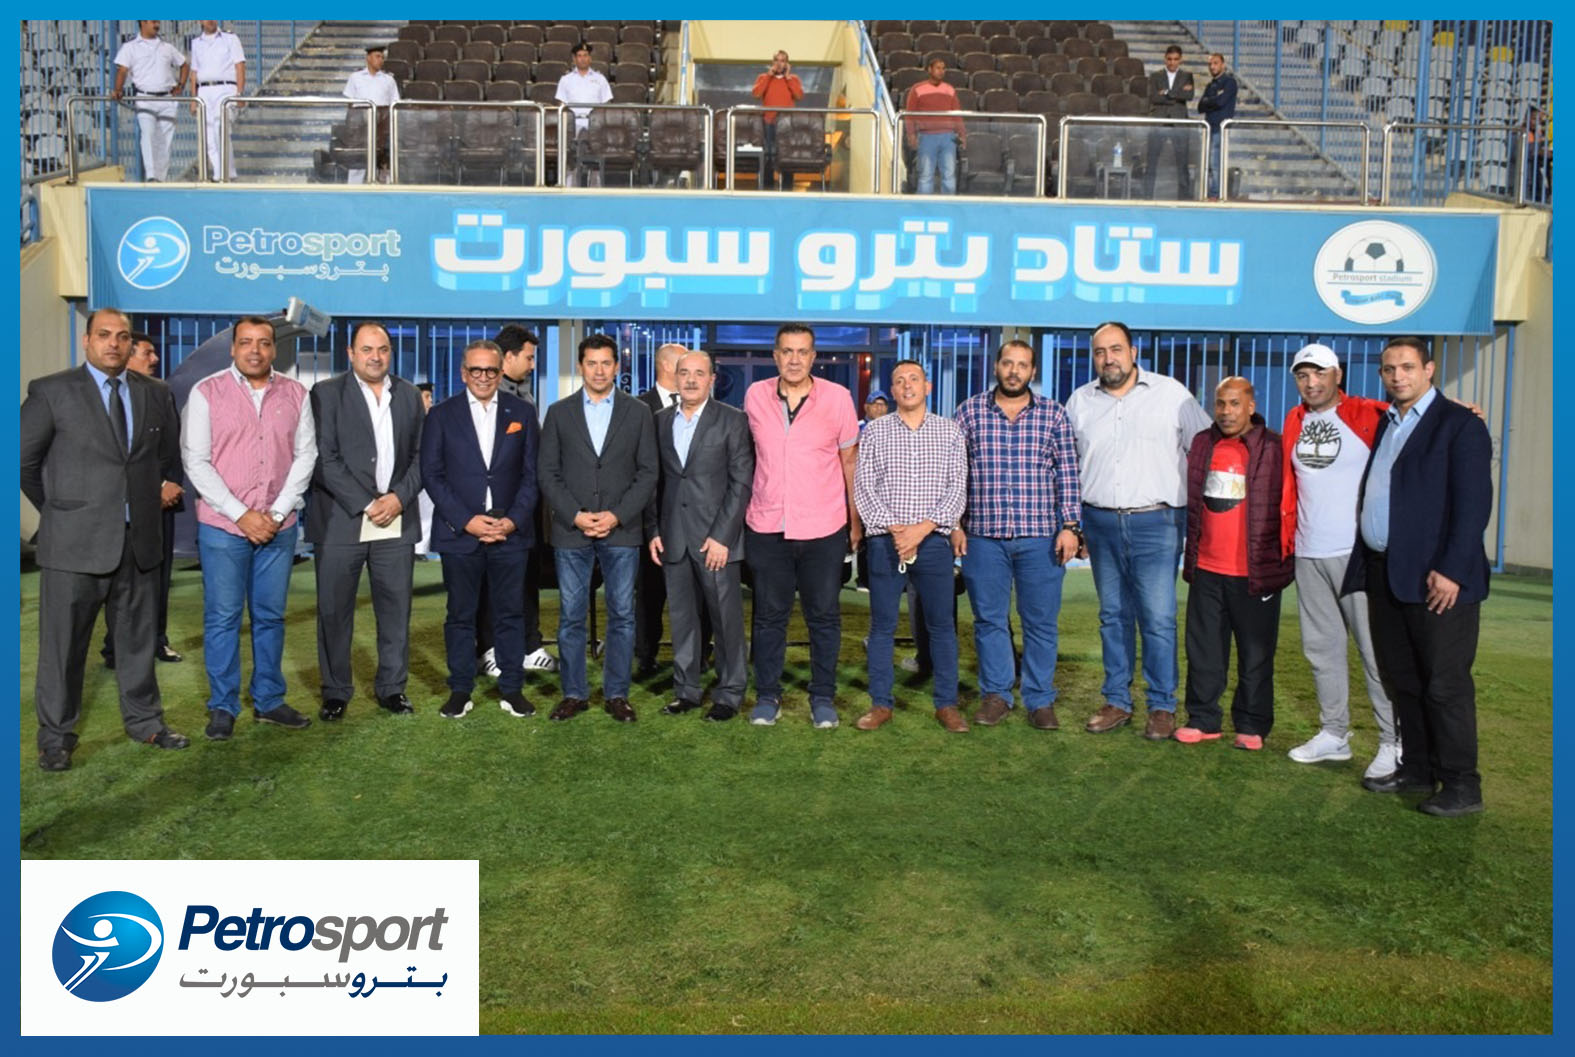 زيارة وزير الشباب والرياضة لاستاد بتروسبورت